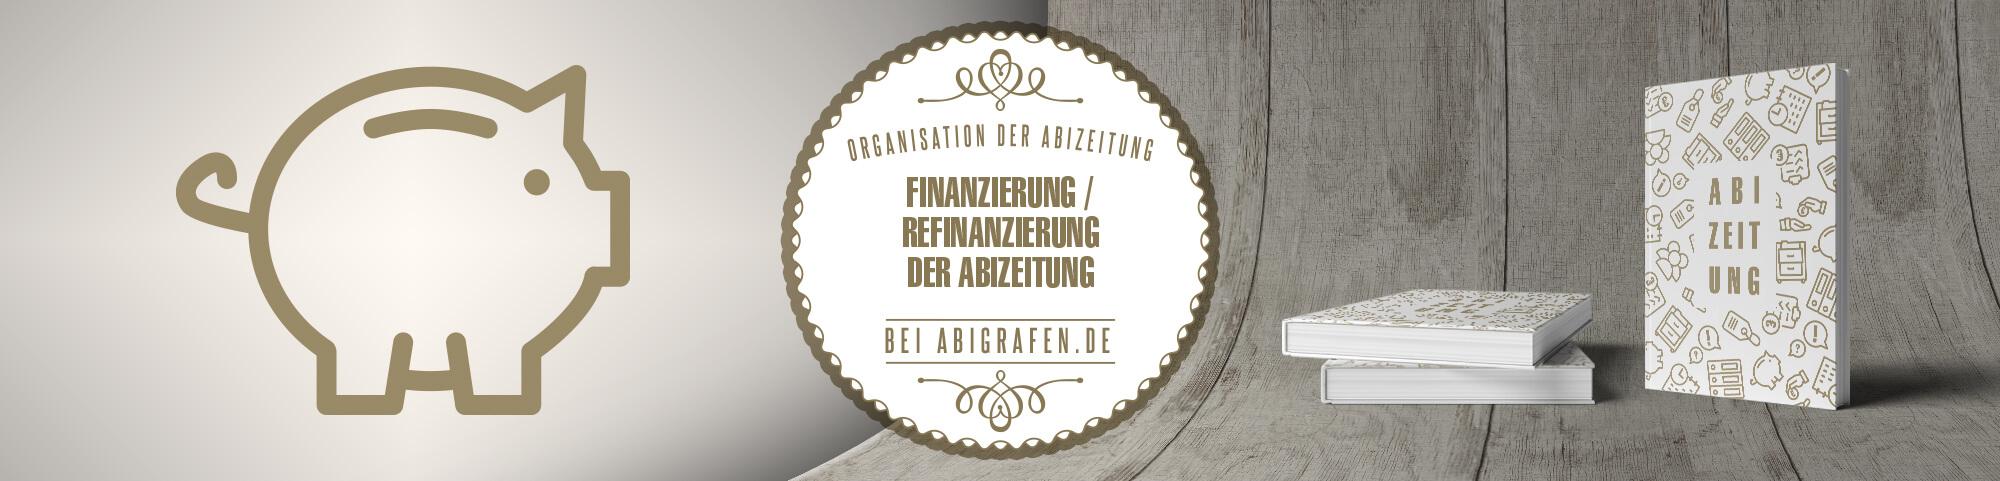 Organisation der Abizeitung: Finanzierung der Abizeitung mit Werbeanzeigen, Förderungen oder diversen Verkaufsaktionen